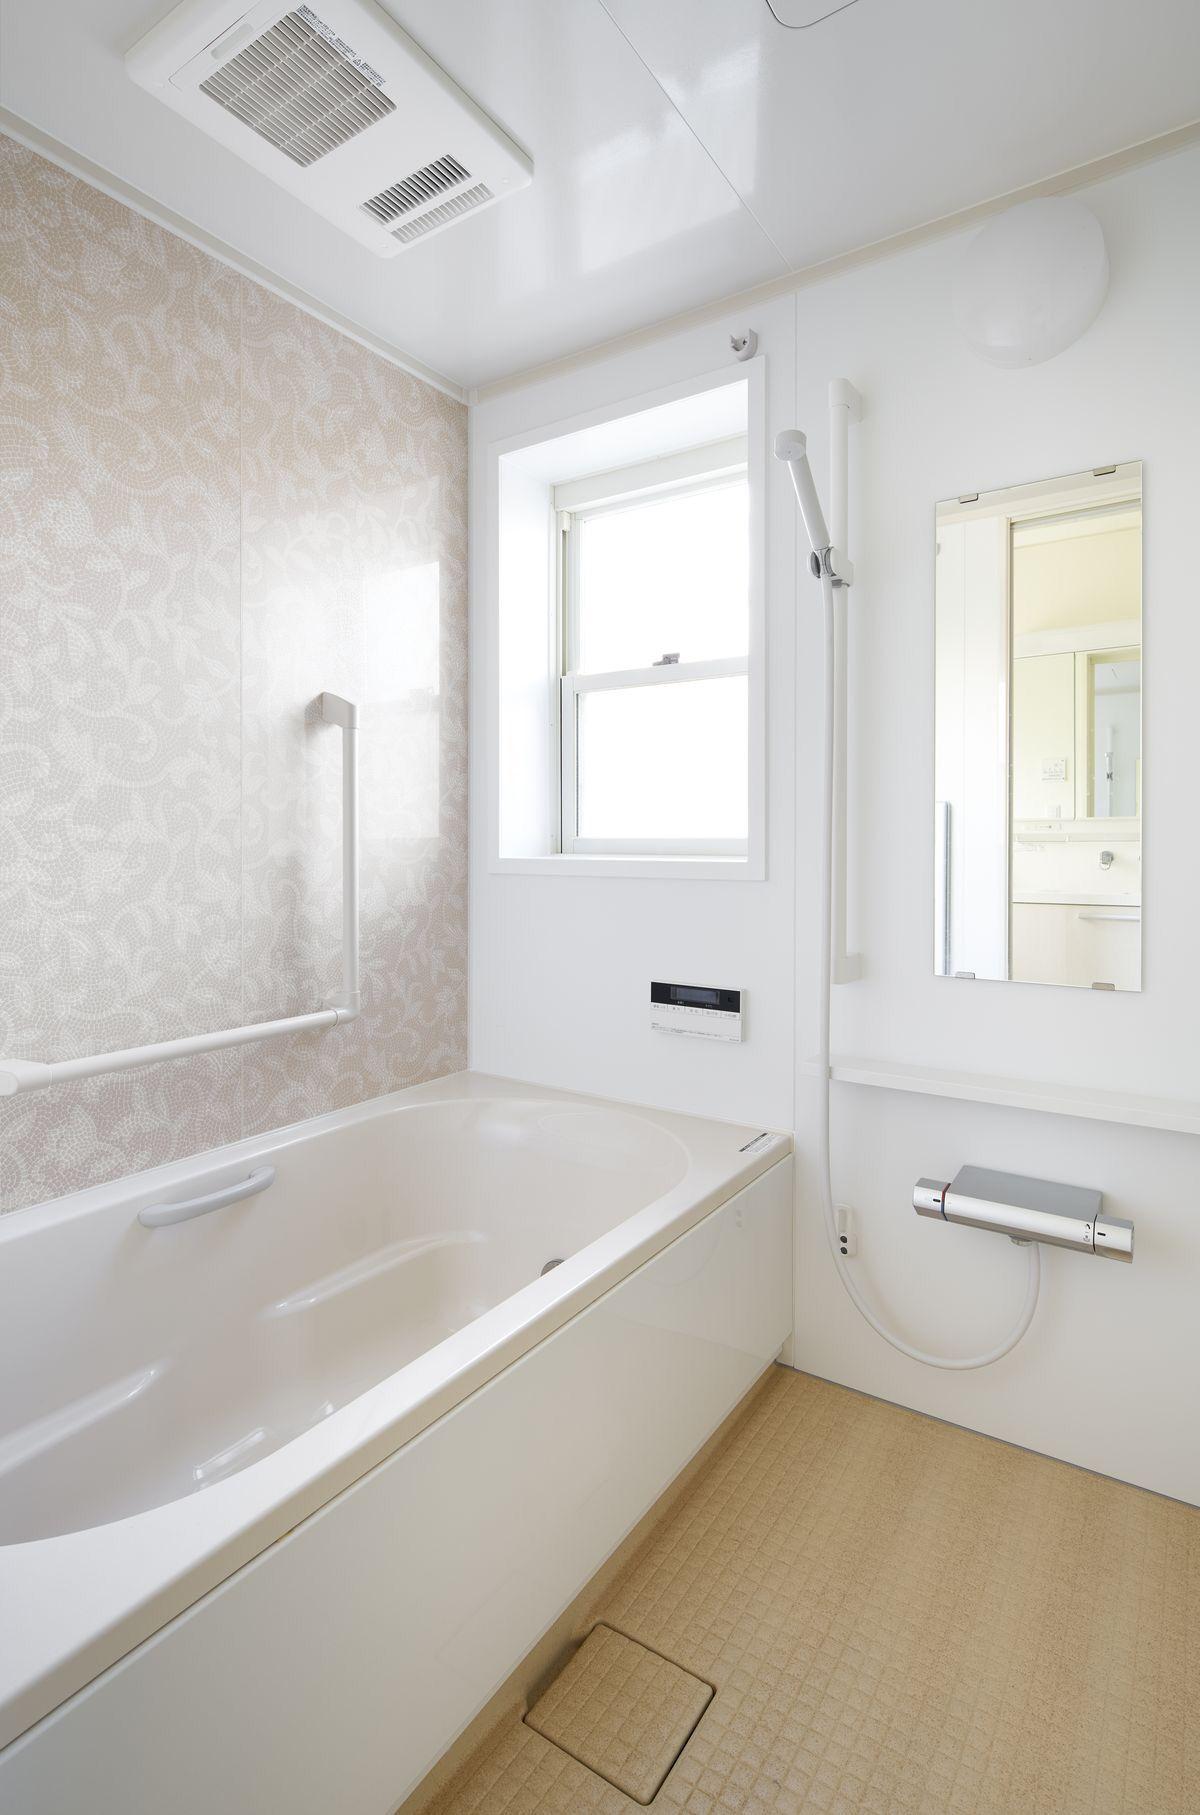 施工事例 浴室 お風呂 手すりと浴室暖房乾燥機を付けて安全に入浴